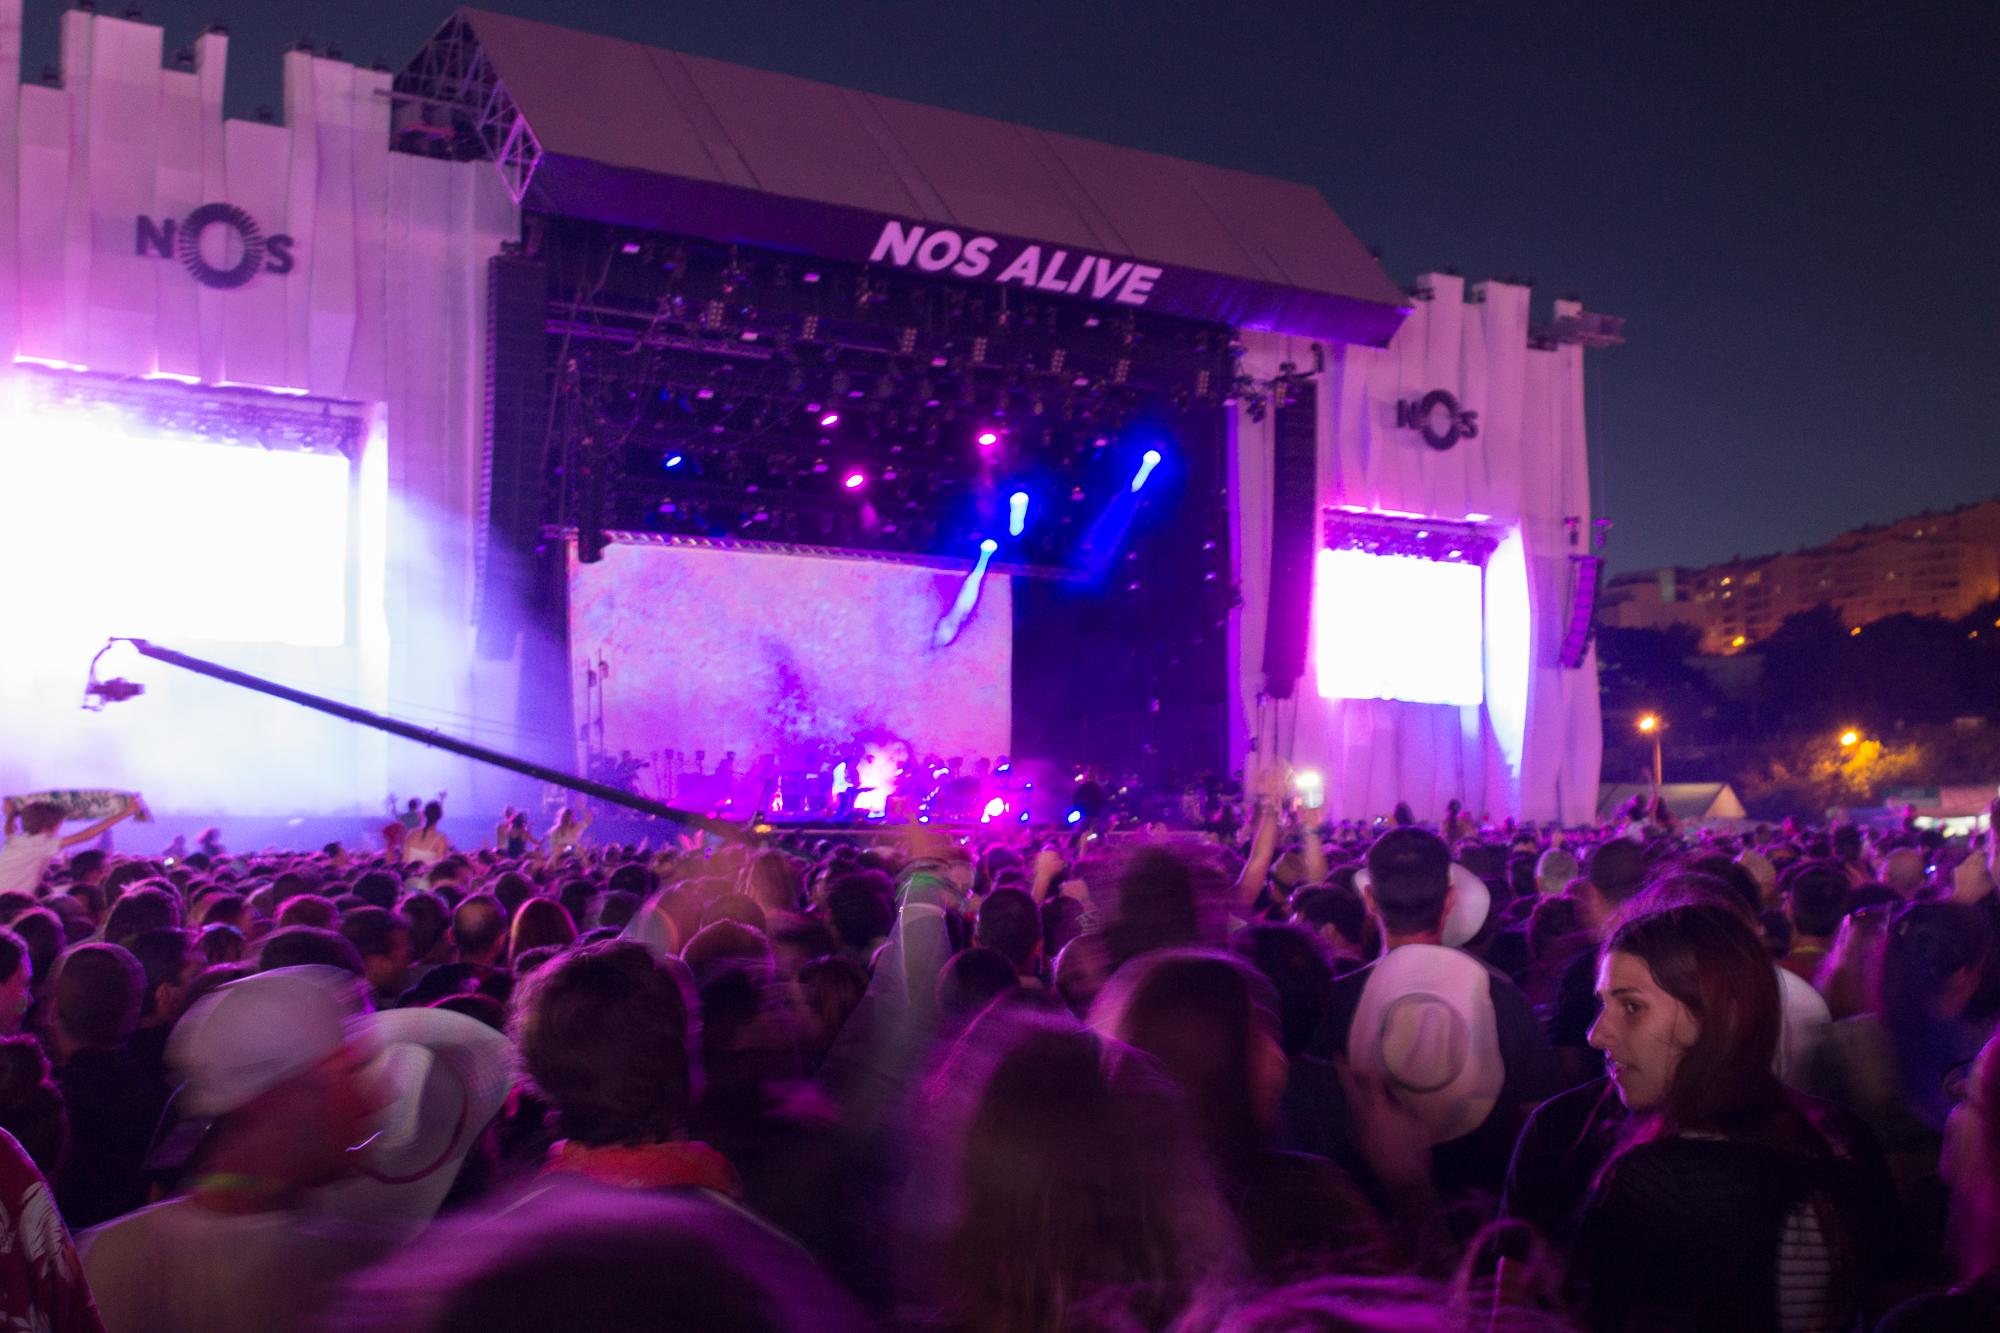 Concert, foule et lumière violette sur la grande scène du festival Nos Alive, Lisbonne, Portugal